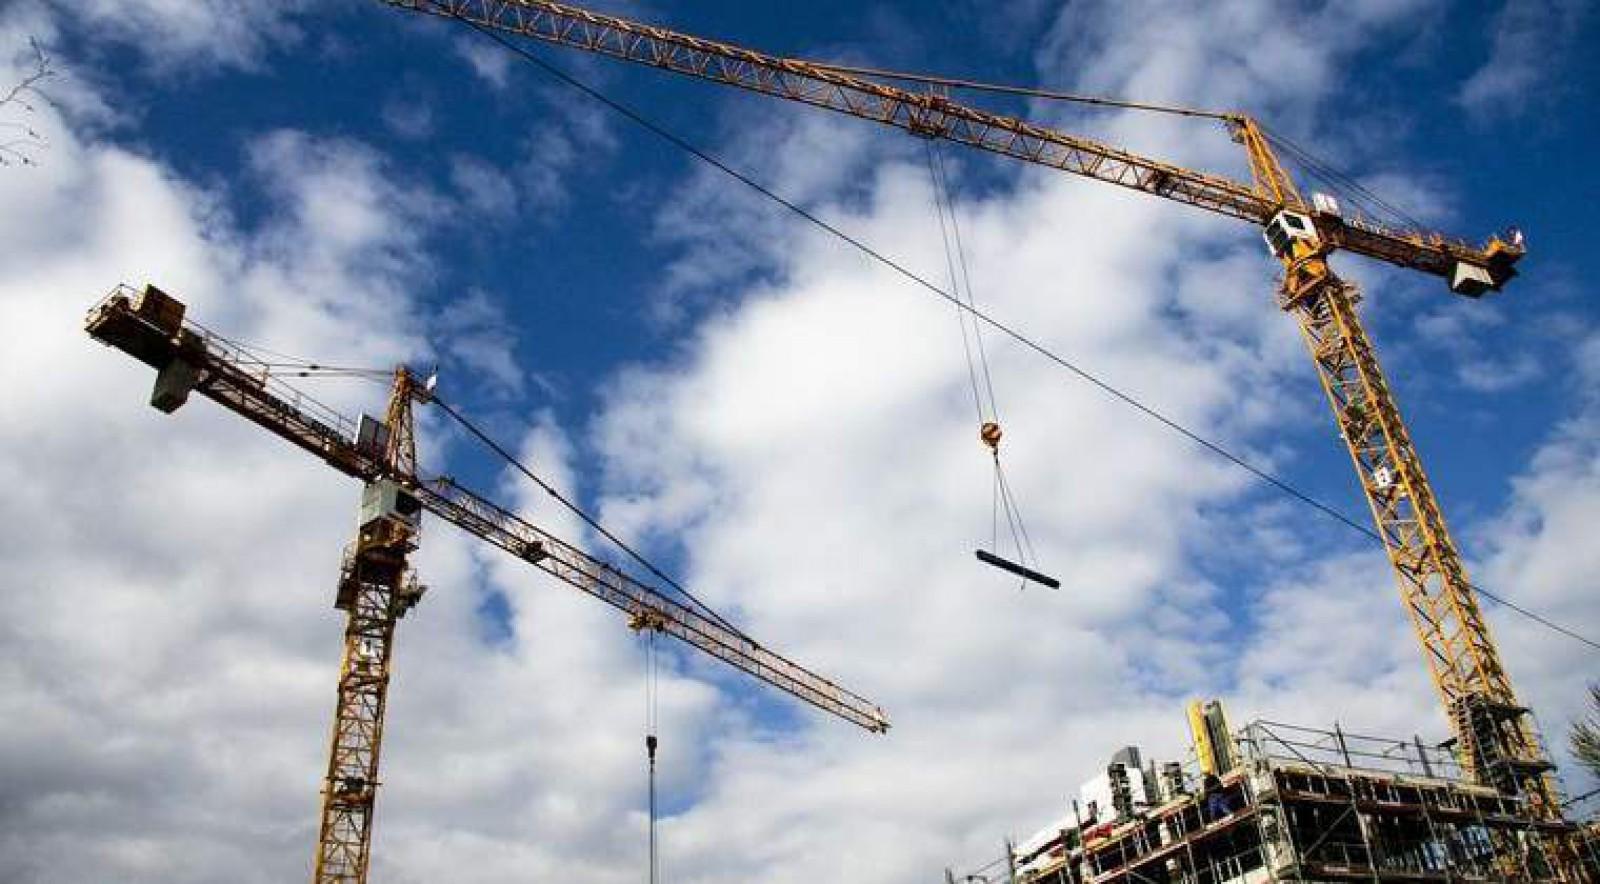 Lucrările de construcție pe şantierul străzii Eugen Coca, stopate: Se desfășurau în lipsa actelor permisive